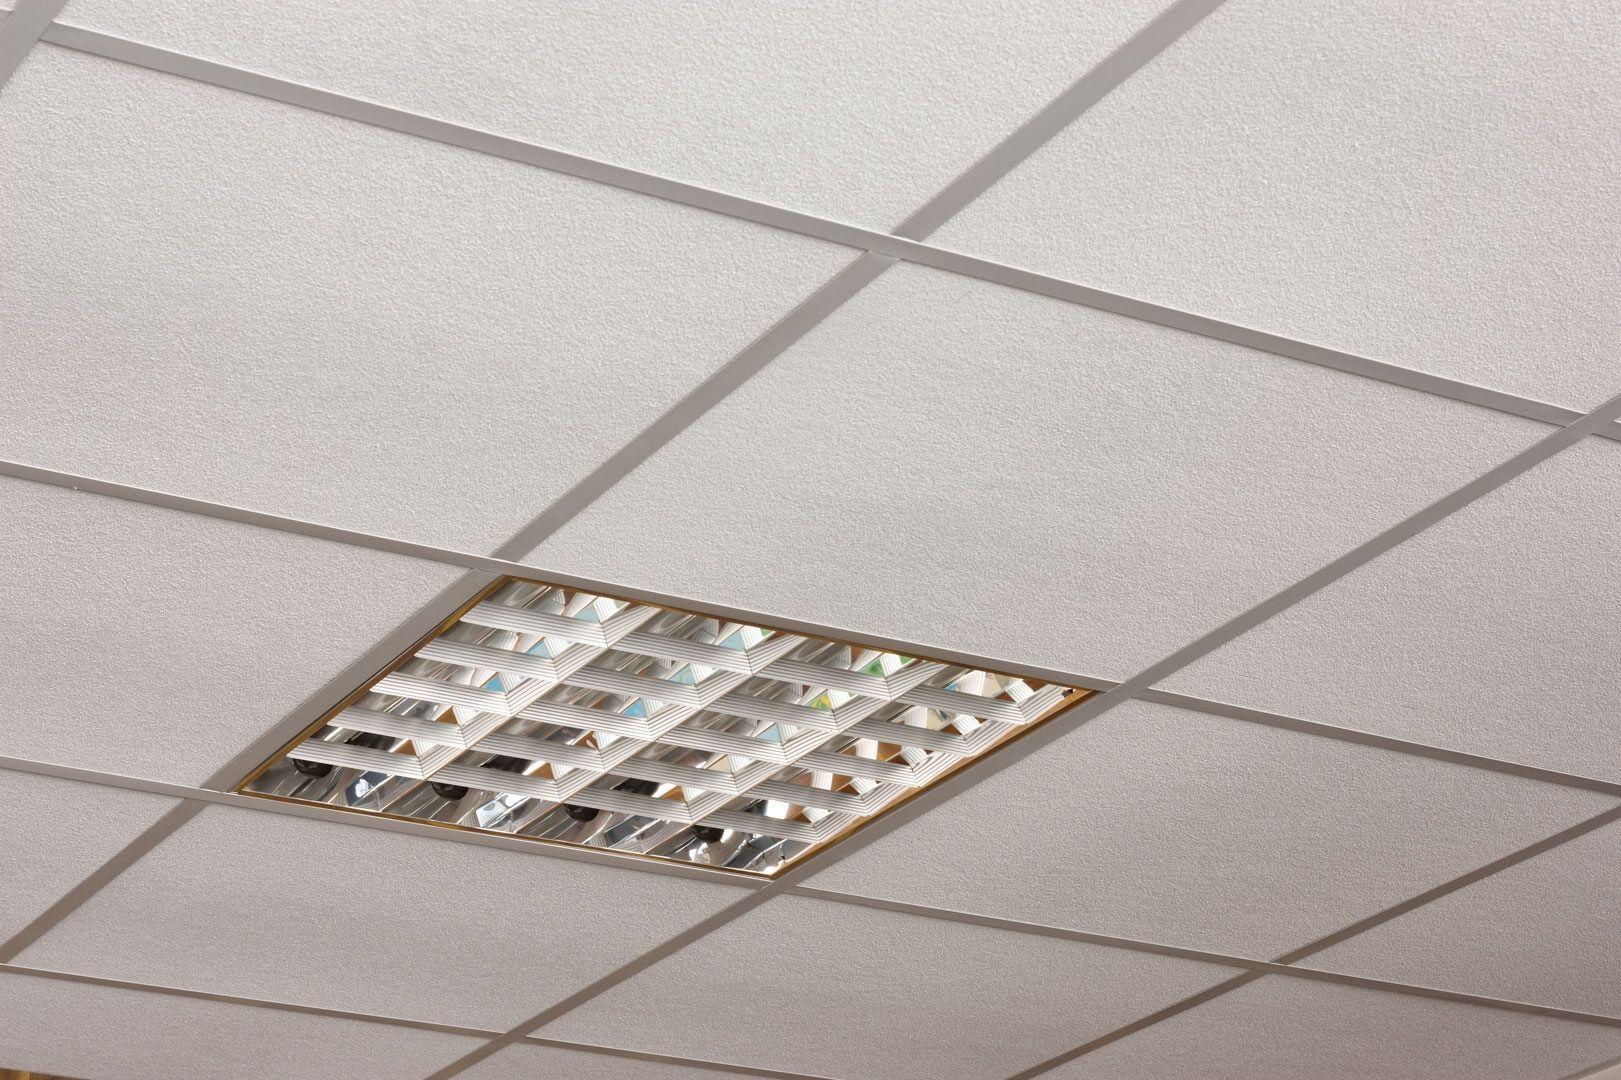 Armstrong Vinyl Faced Fiberglass Ceiling Tiles Http